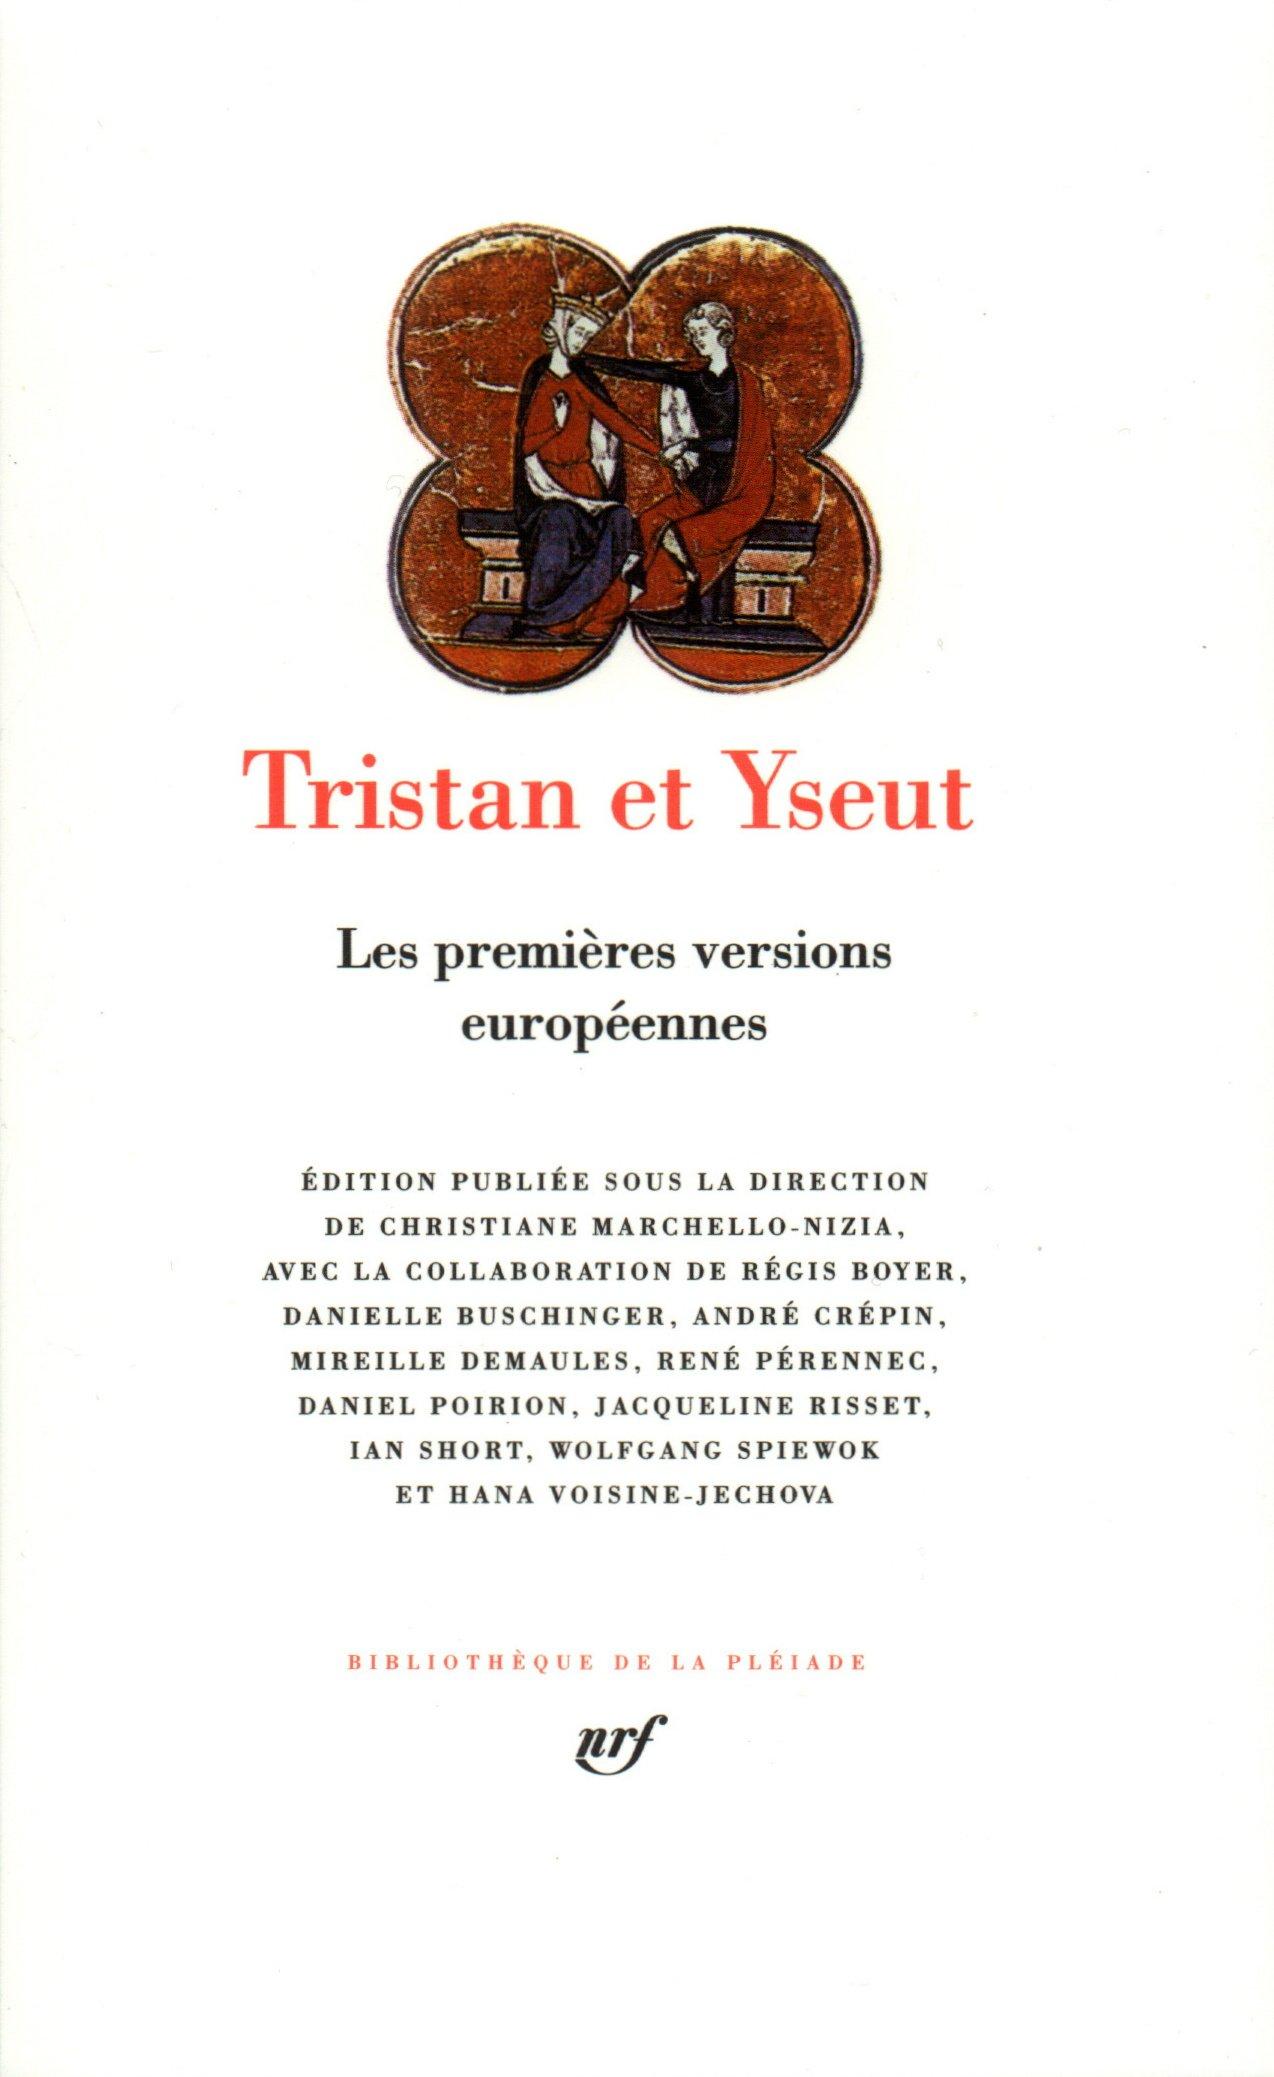 Tristan et Yseut - les premières versions européennes